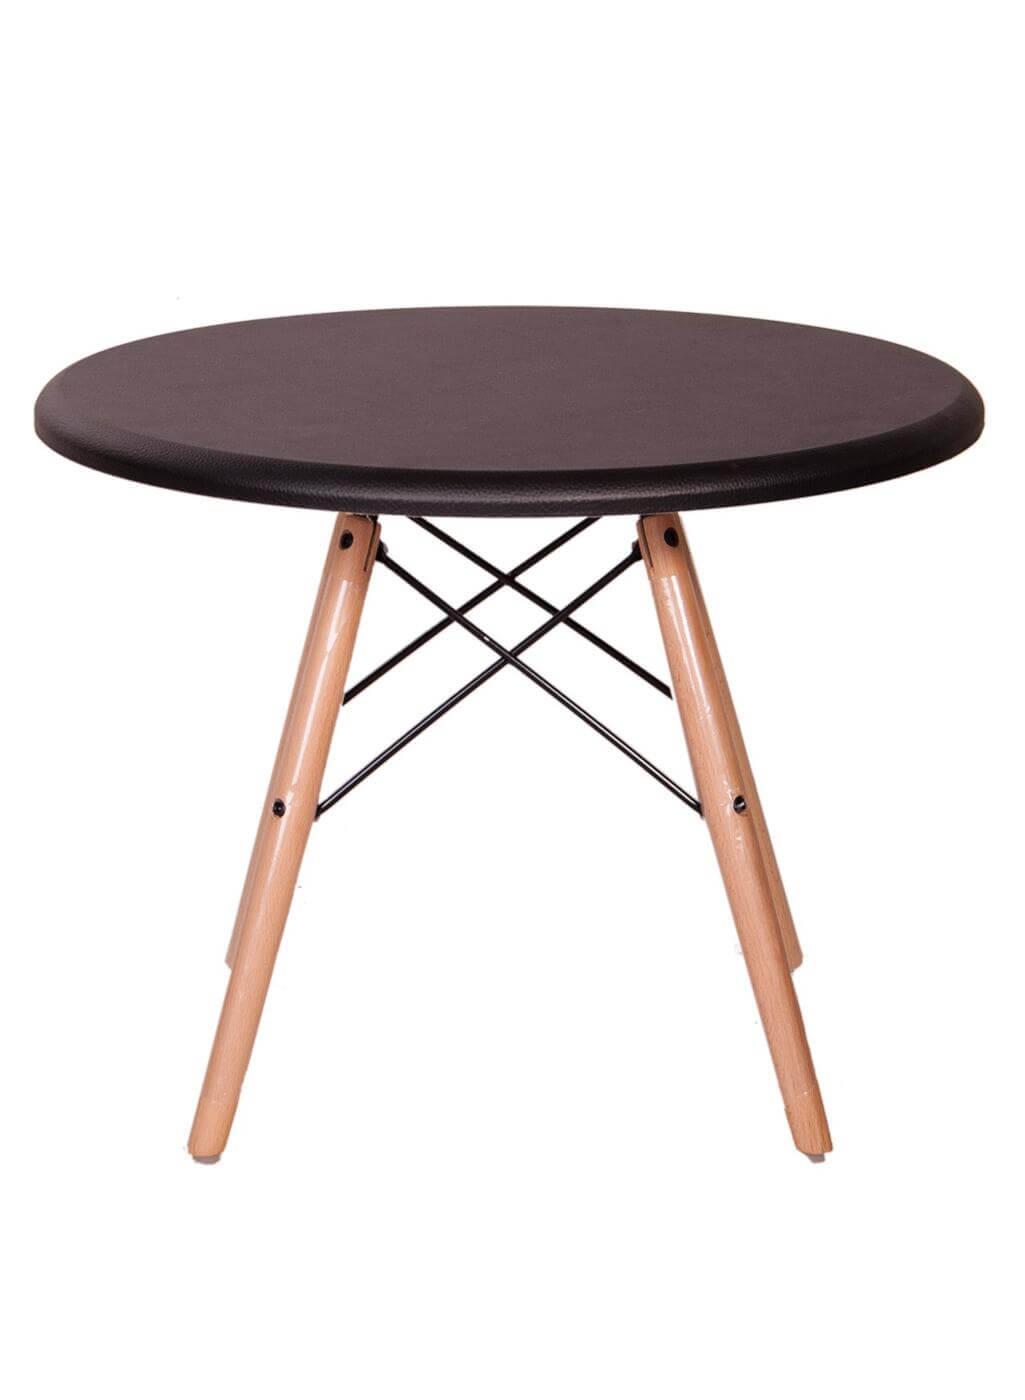 میز عسلی گرد با پایه ایفلی چوبی مدل TL1